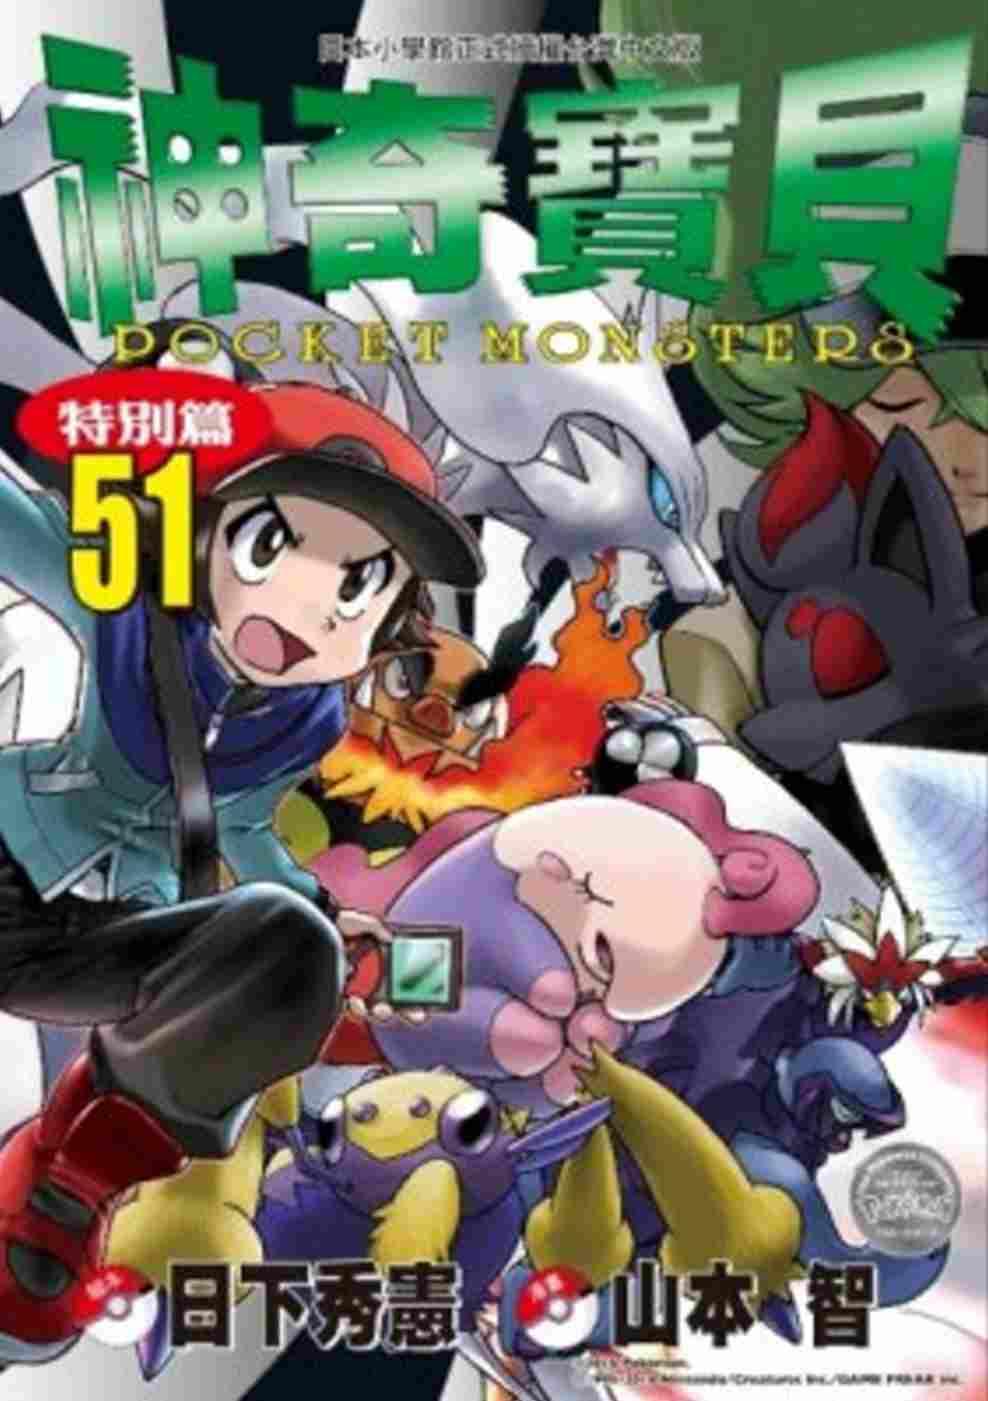 神奇寶貝特別篇(51)